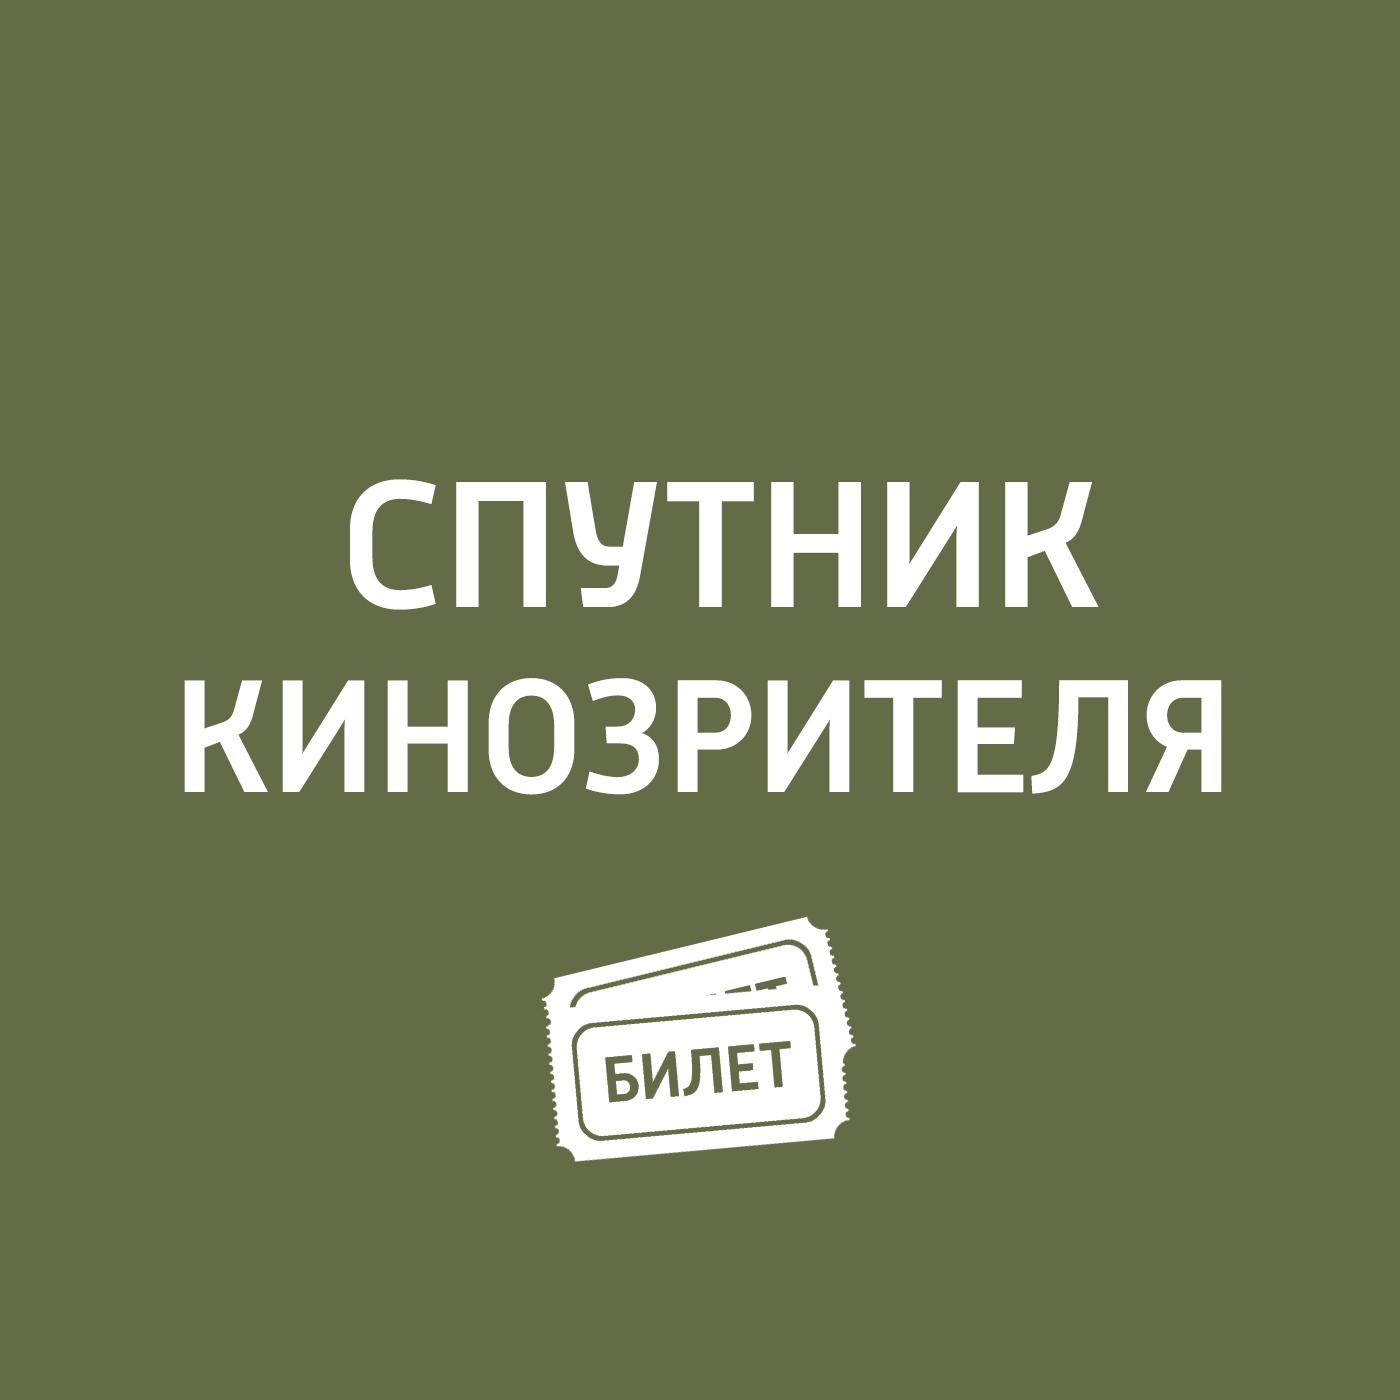 Антон Долин Номинанты на «Оскар-2017